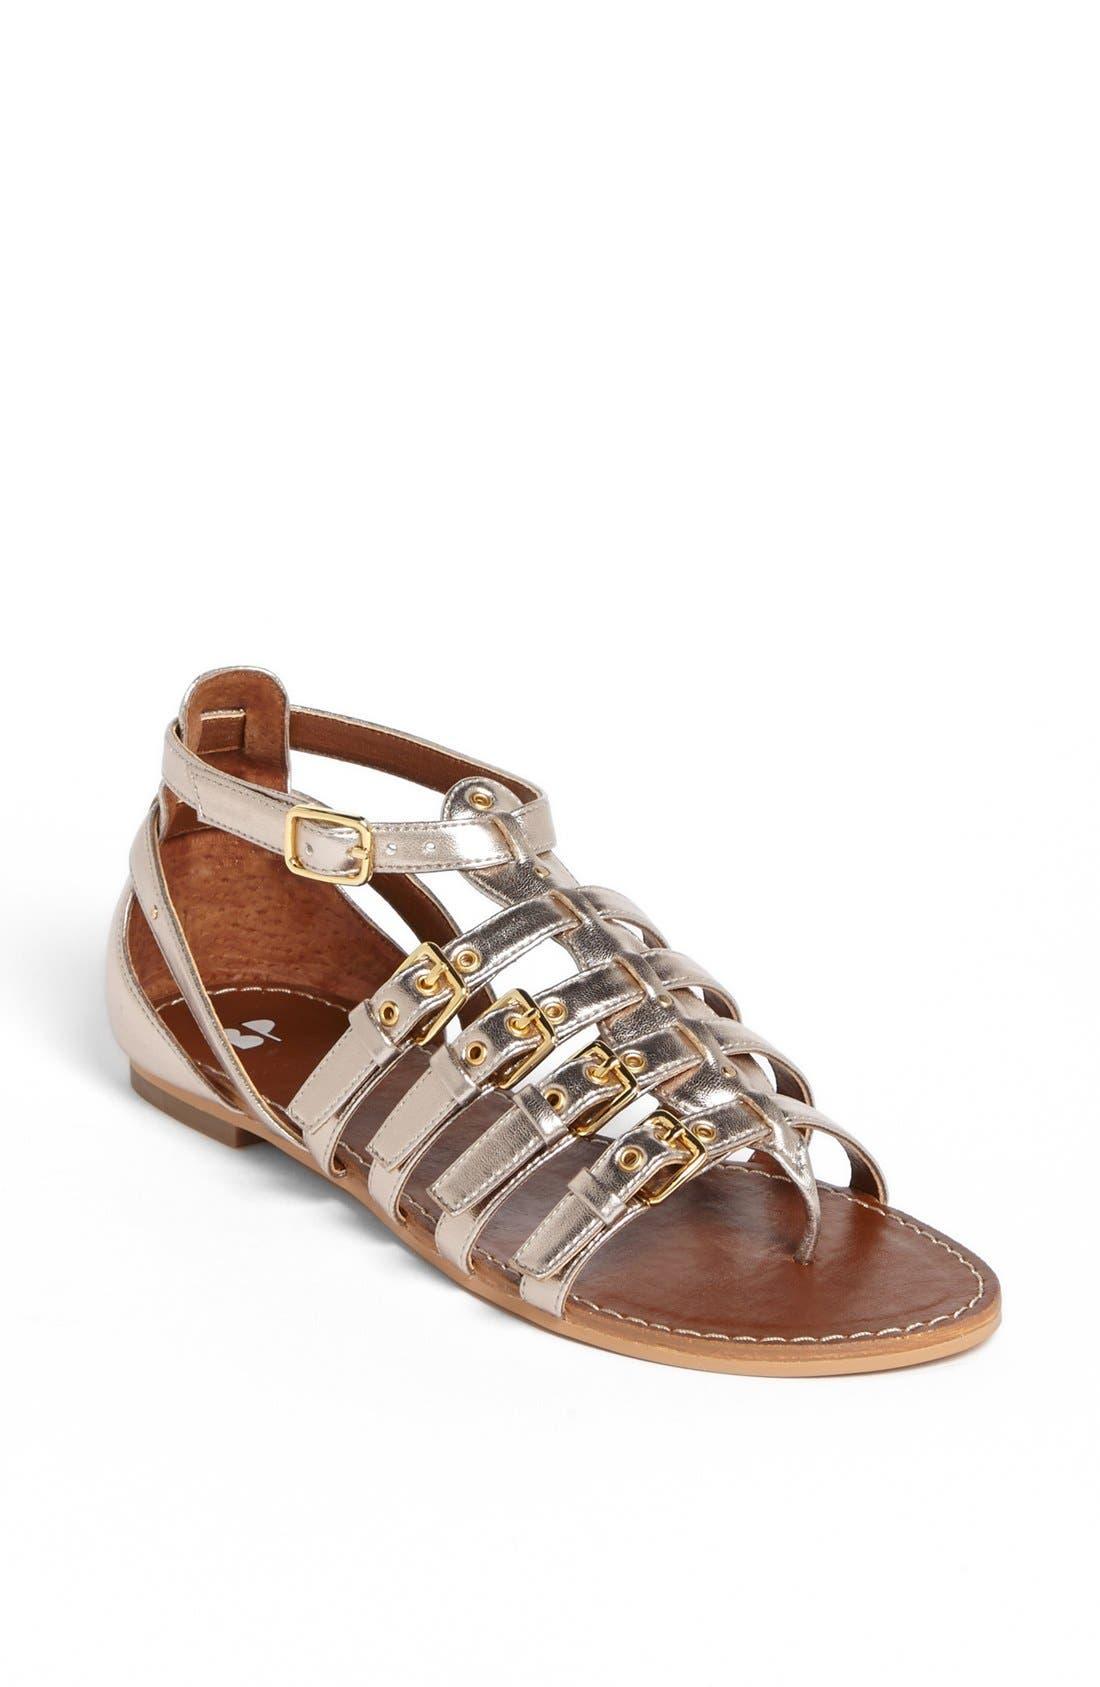 Alternate Image 1 Selected - BP. 'Marlie' Sandal